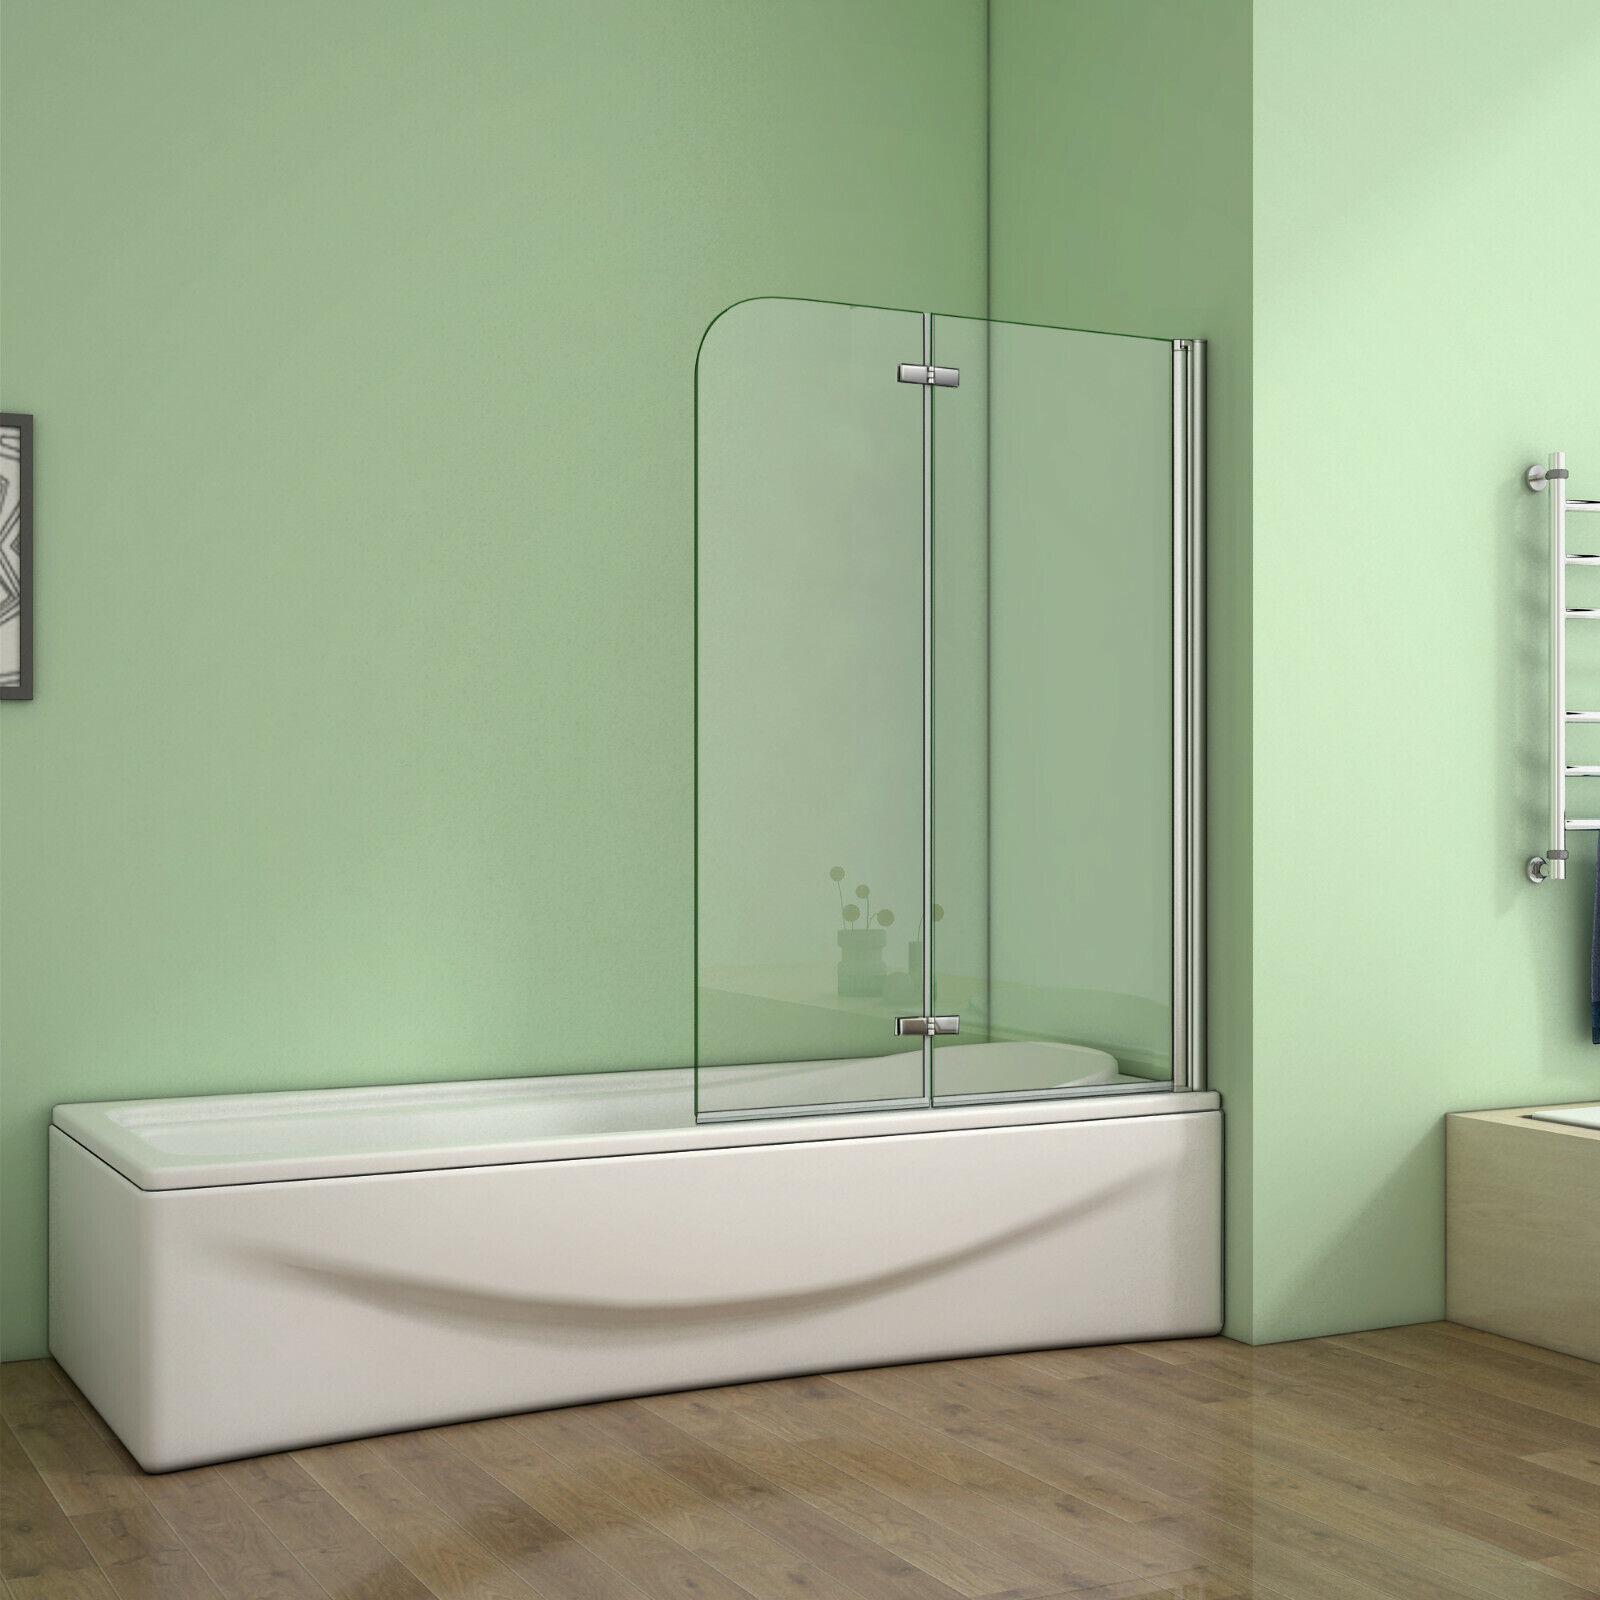 Badewannenfaltwand 2 teilig Faltwand Badewannenaufsatz Duschwand Duschabtrennung